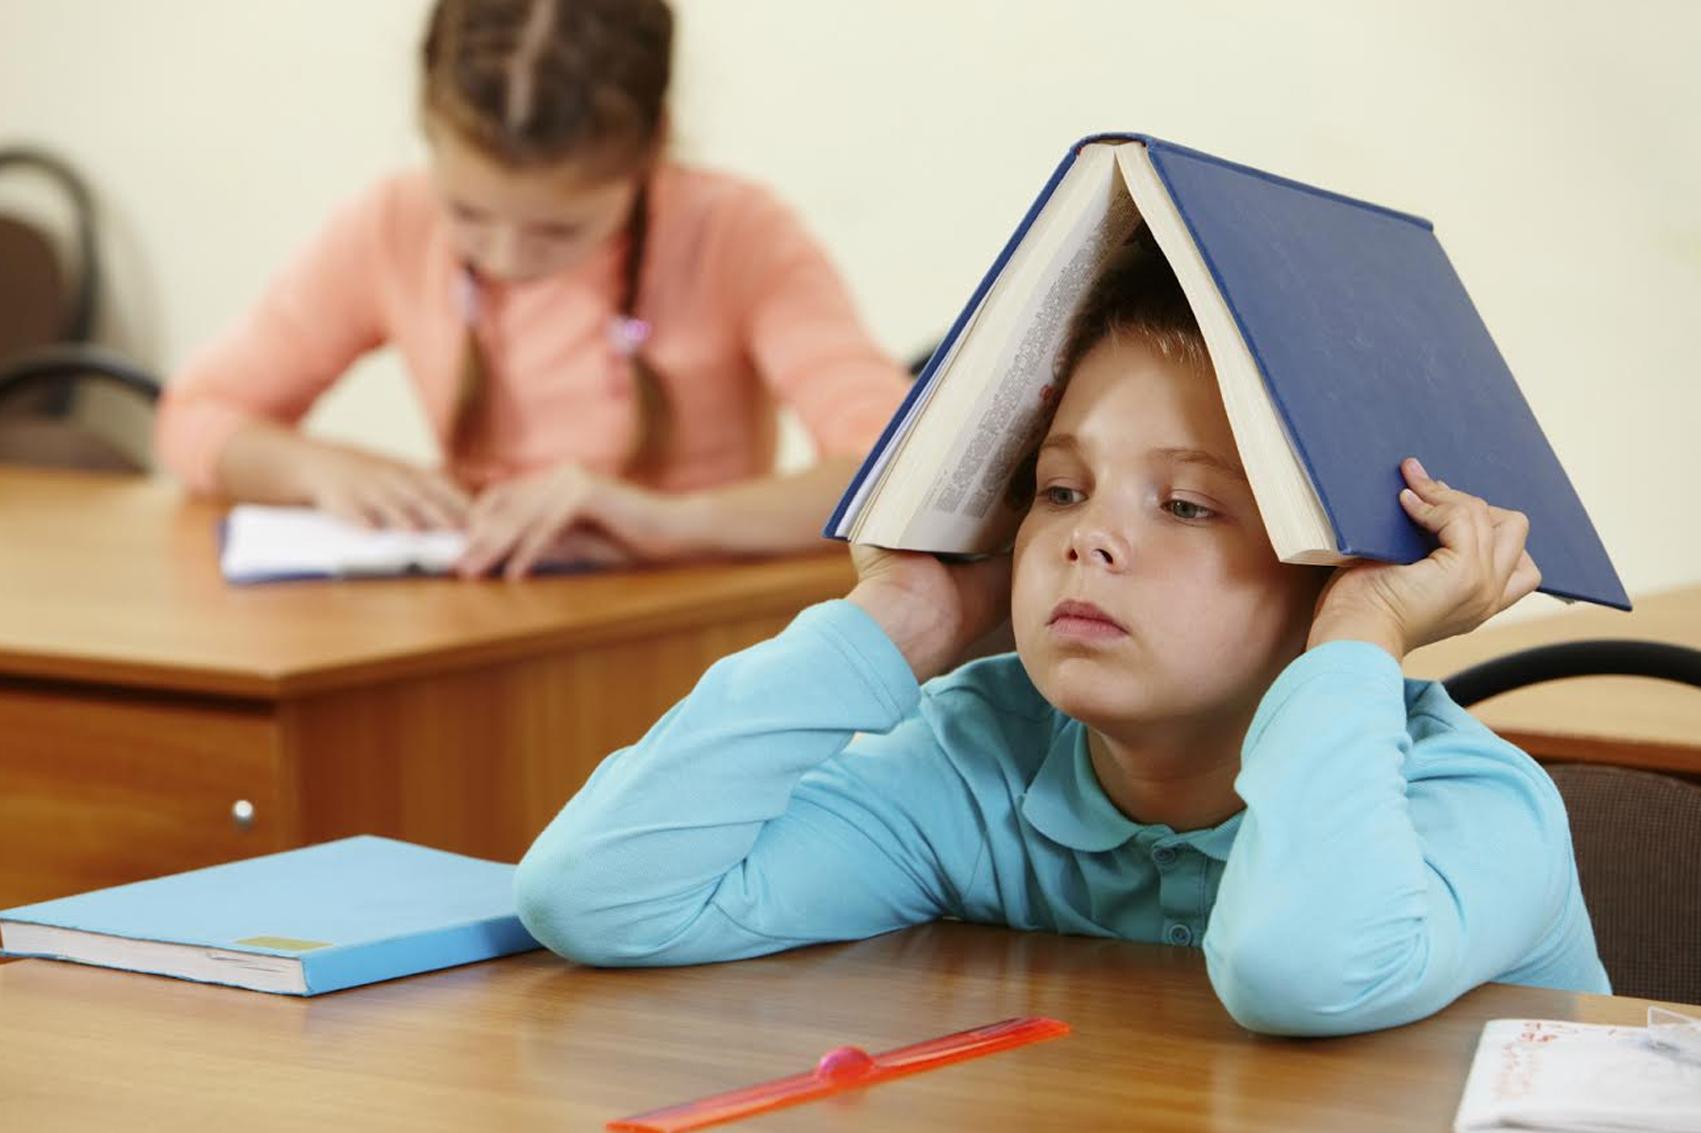 خجل الطفل يؤثر على التحصيل الدراسي